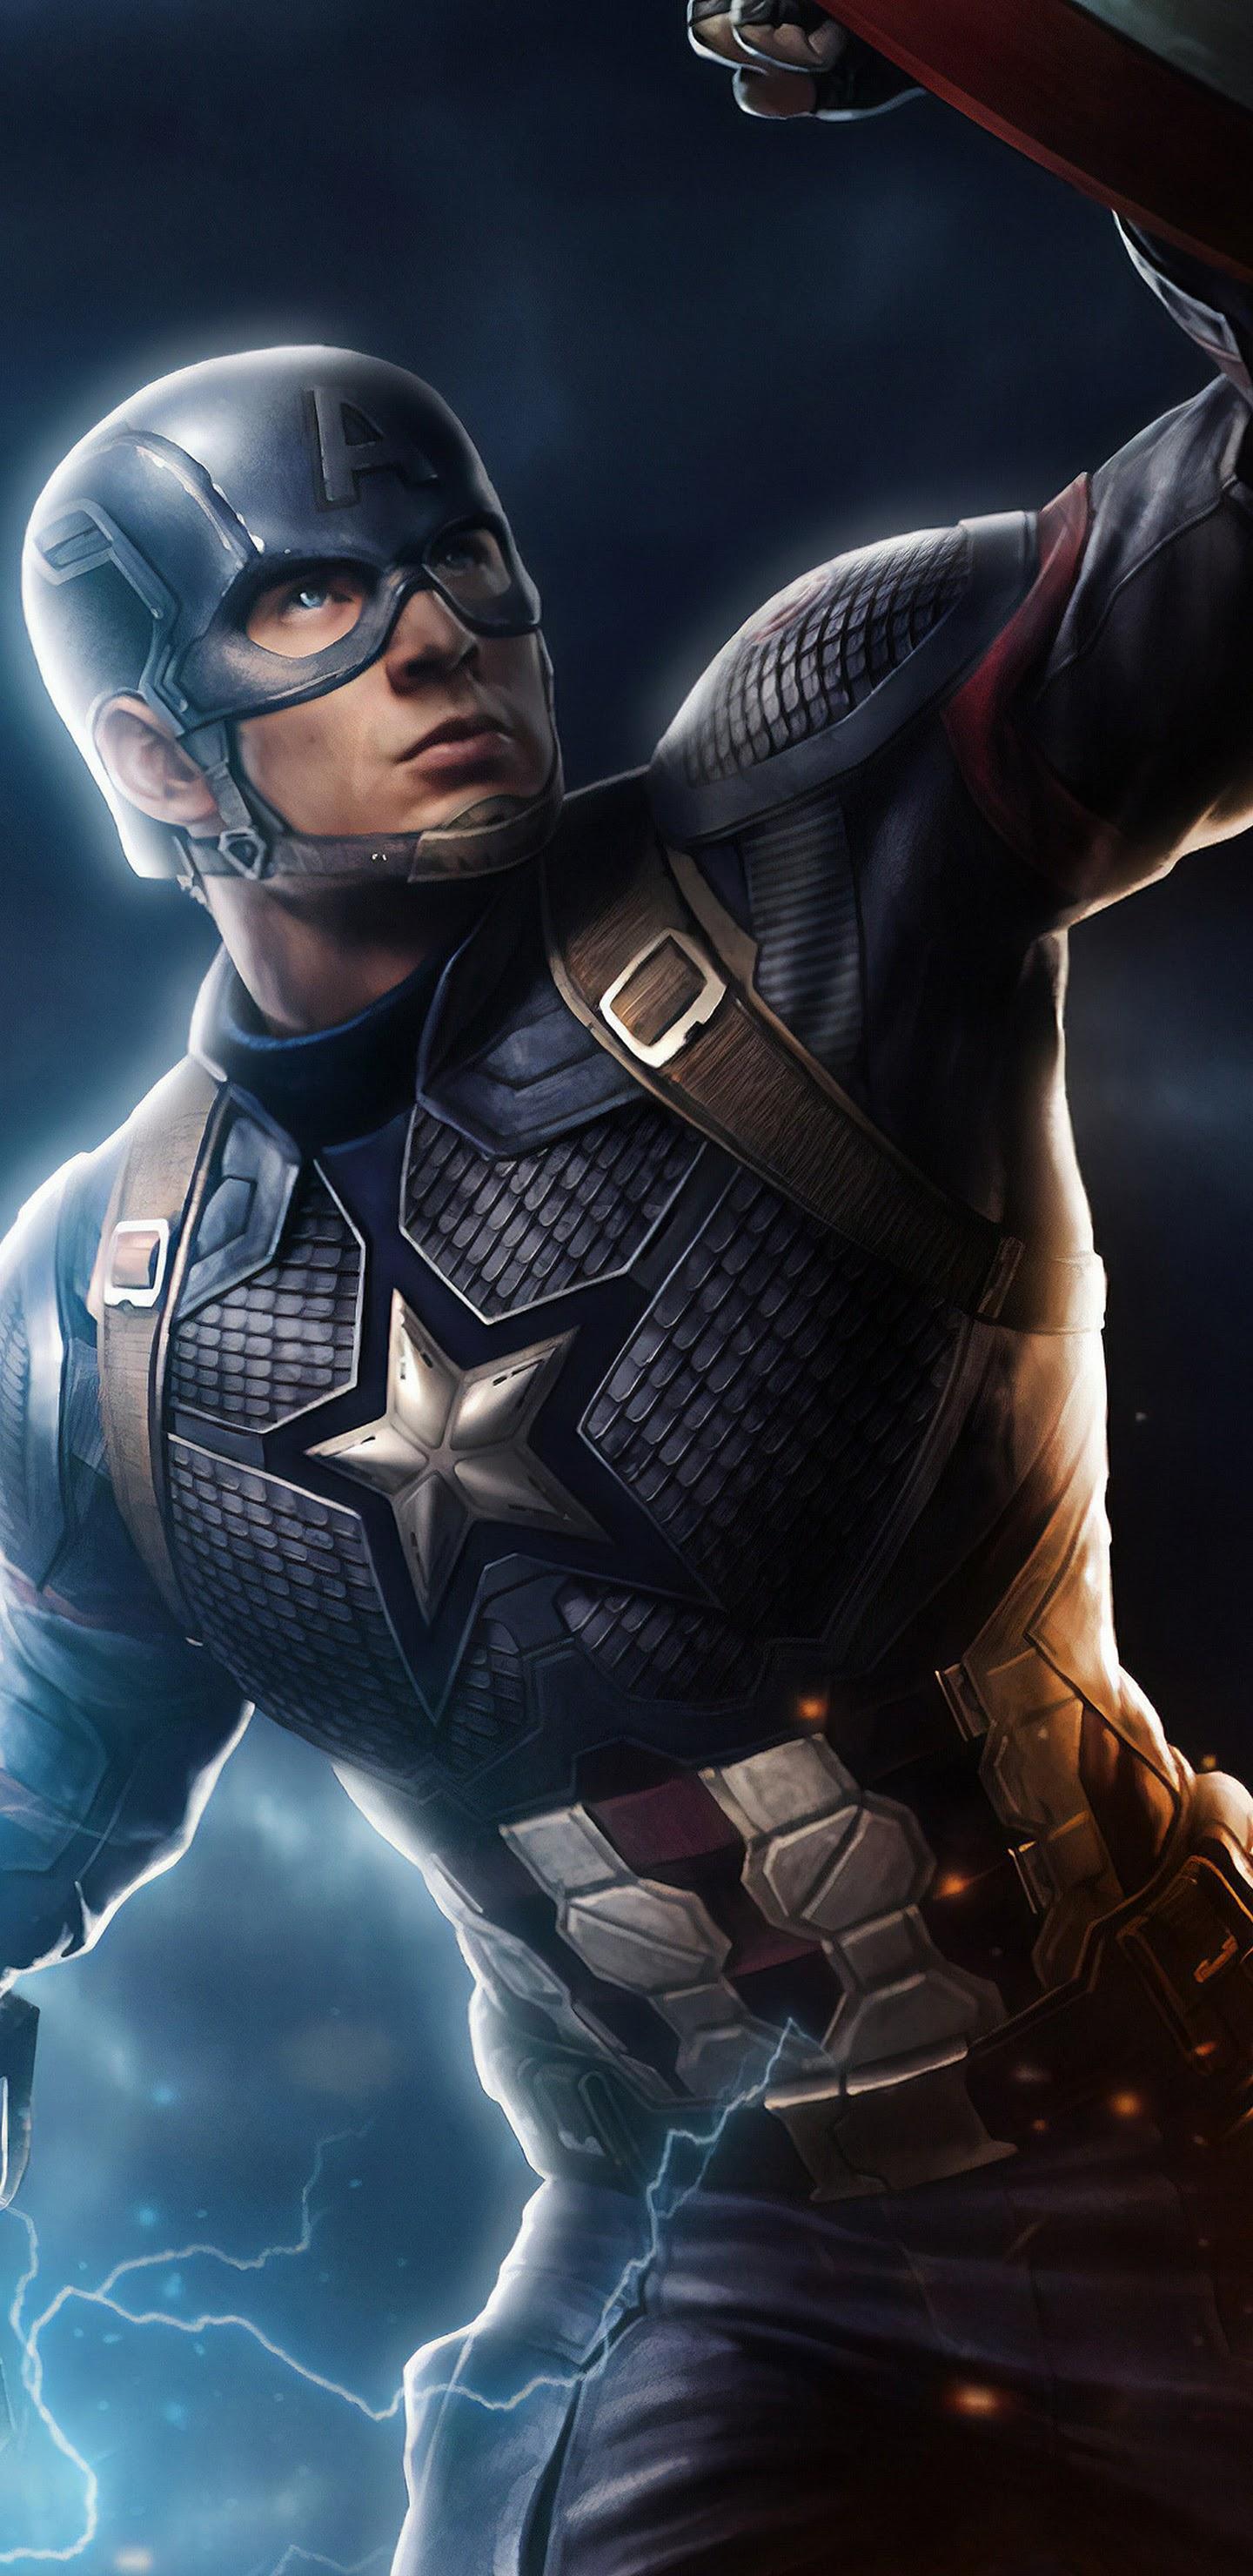 Avengers Endgame Captain America Mjolnir Hammer Lightning 8k